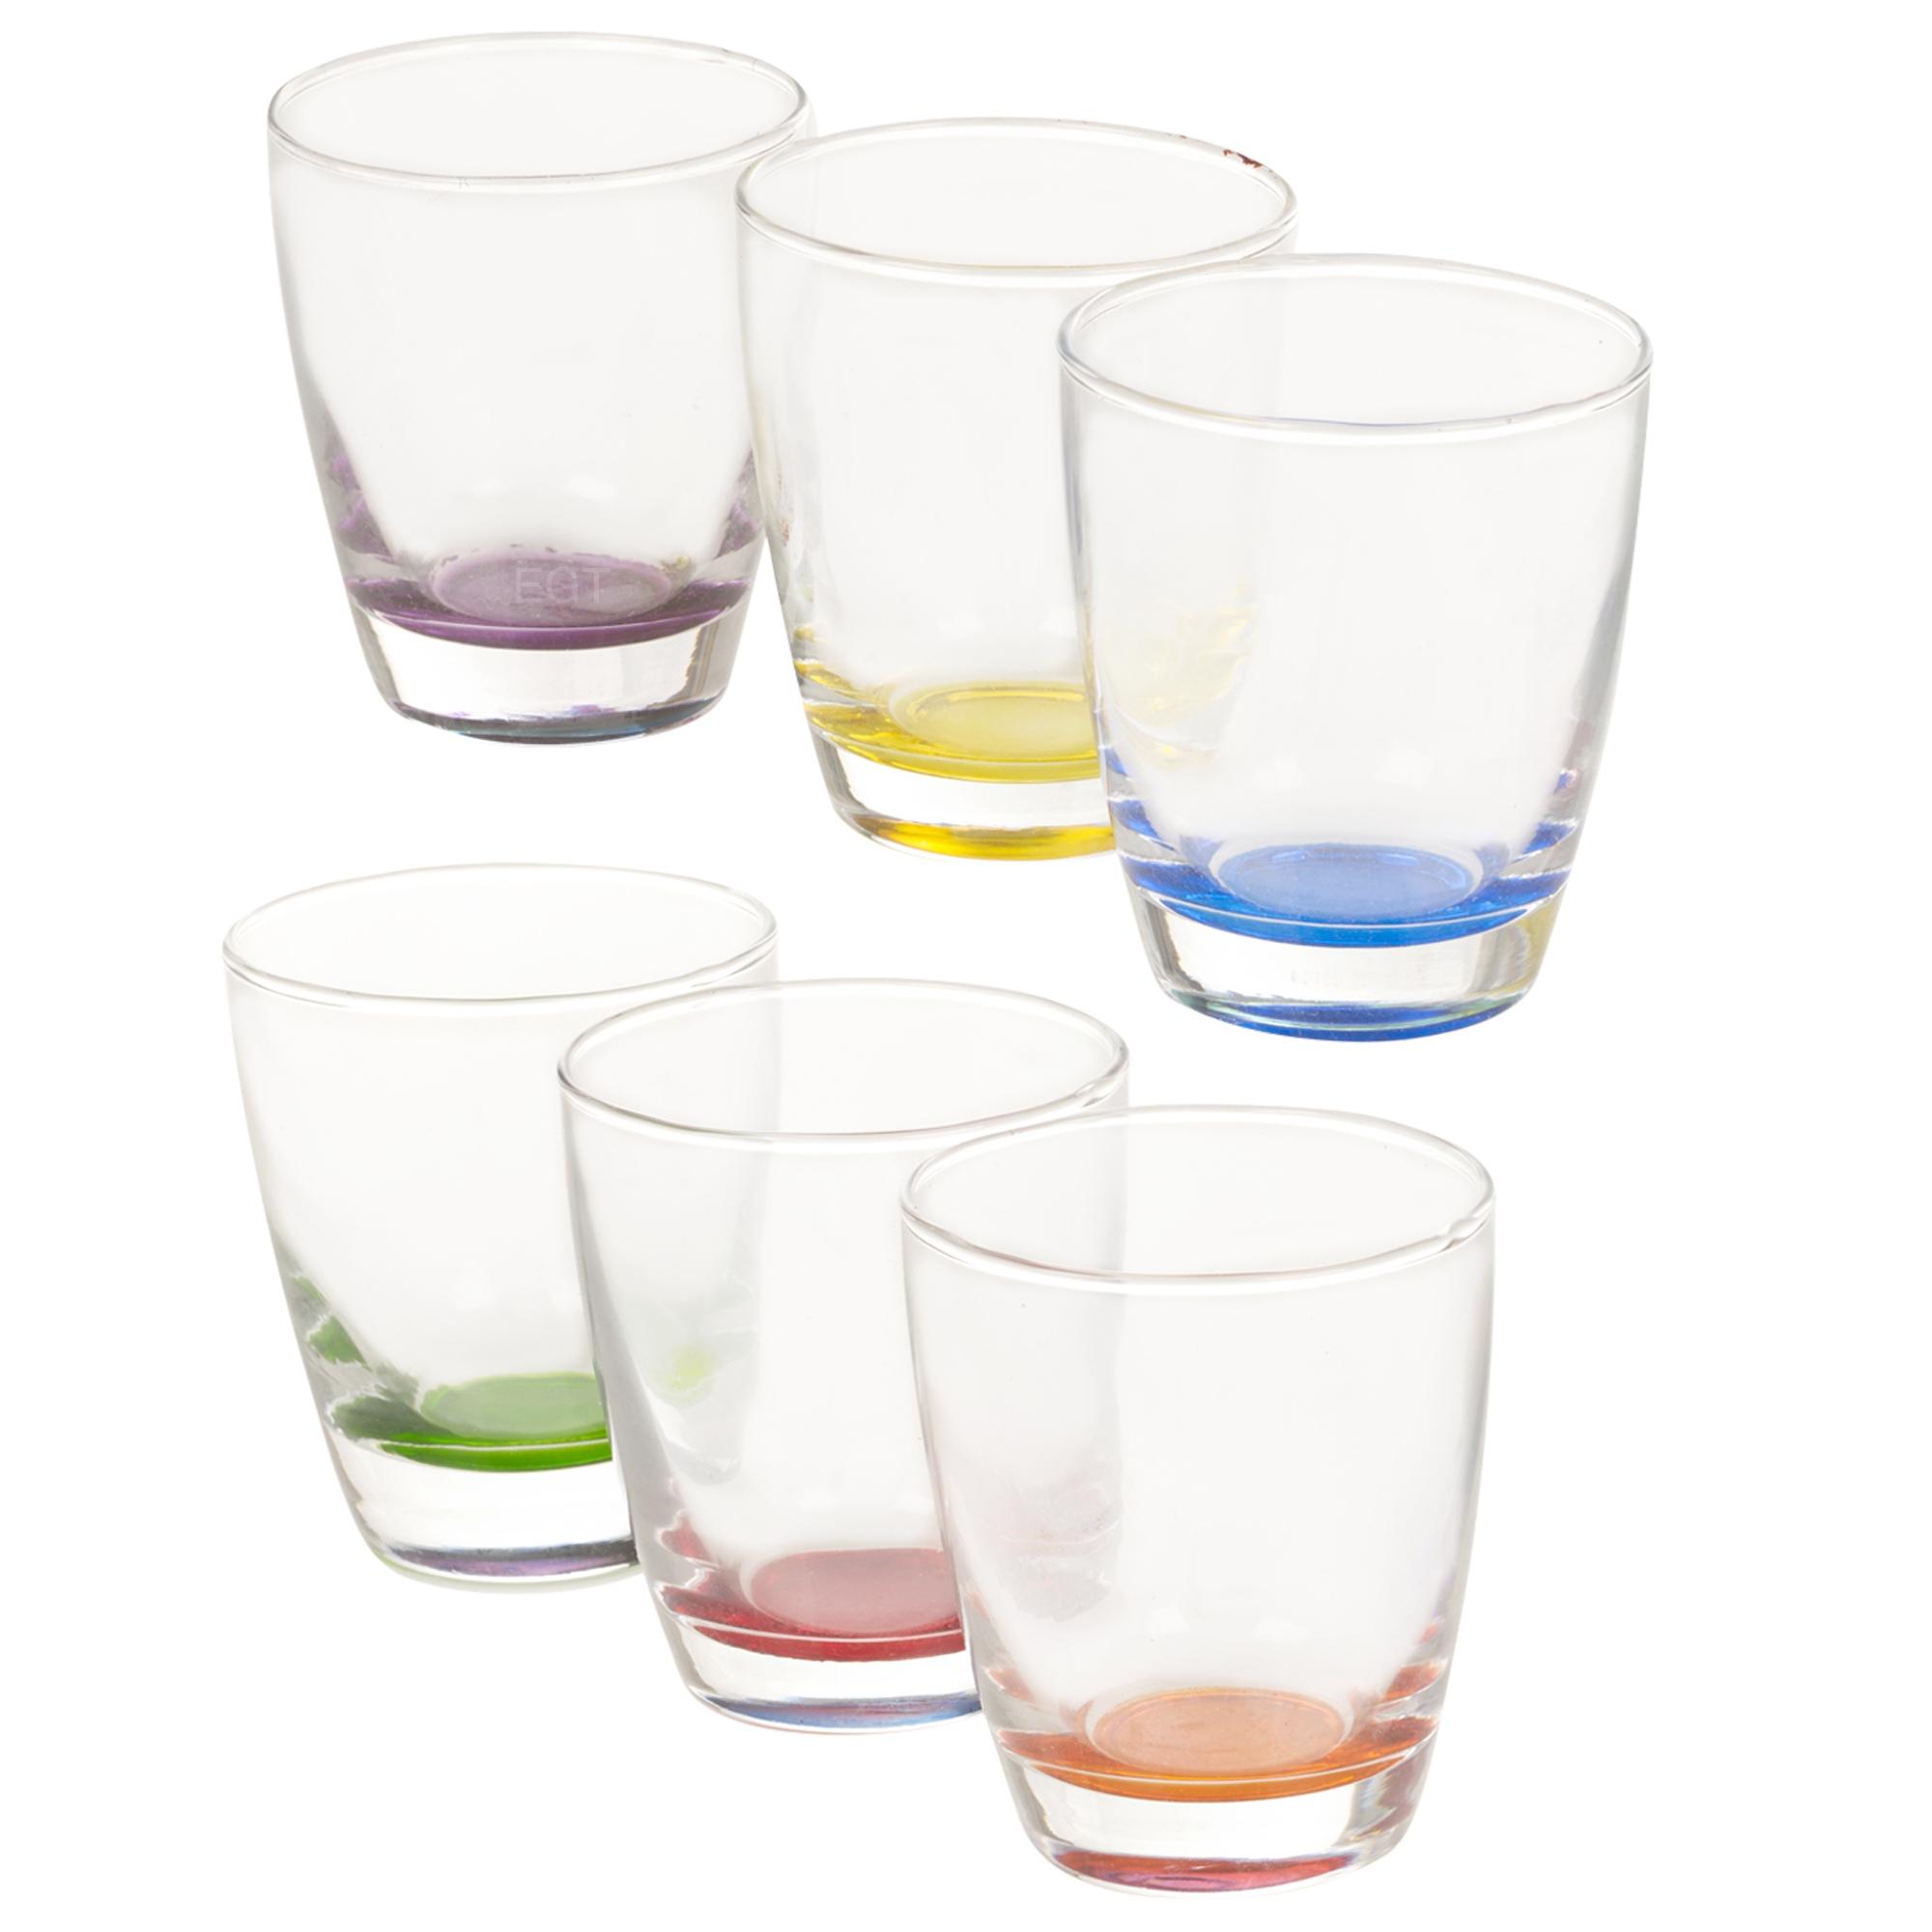 Set of 6 Coloured Base Tumblers Drinking Glass Glasses  : 6pc multicoloured drinking cup set 996233  from www.ebay.co.uk size 2000 x 2000 jpeg 315kB